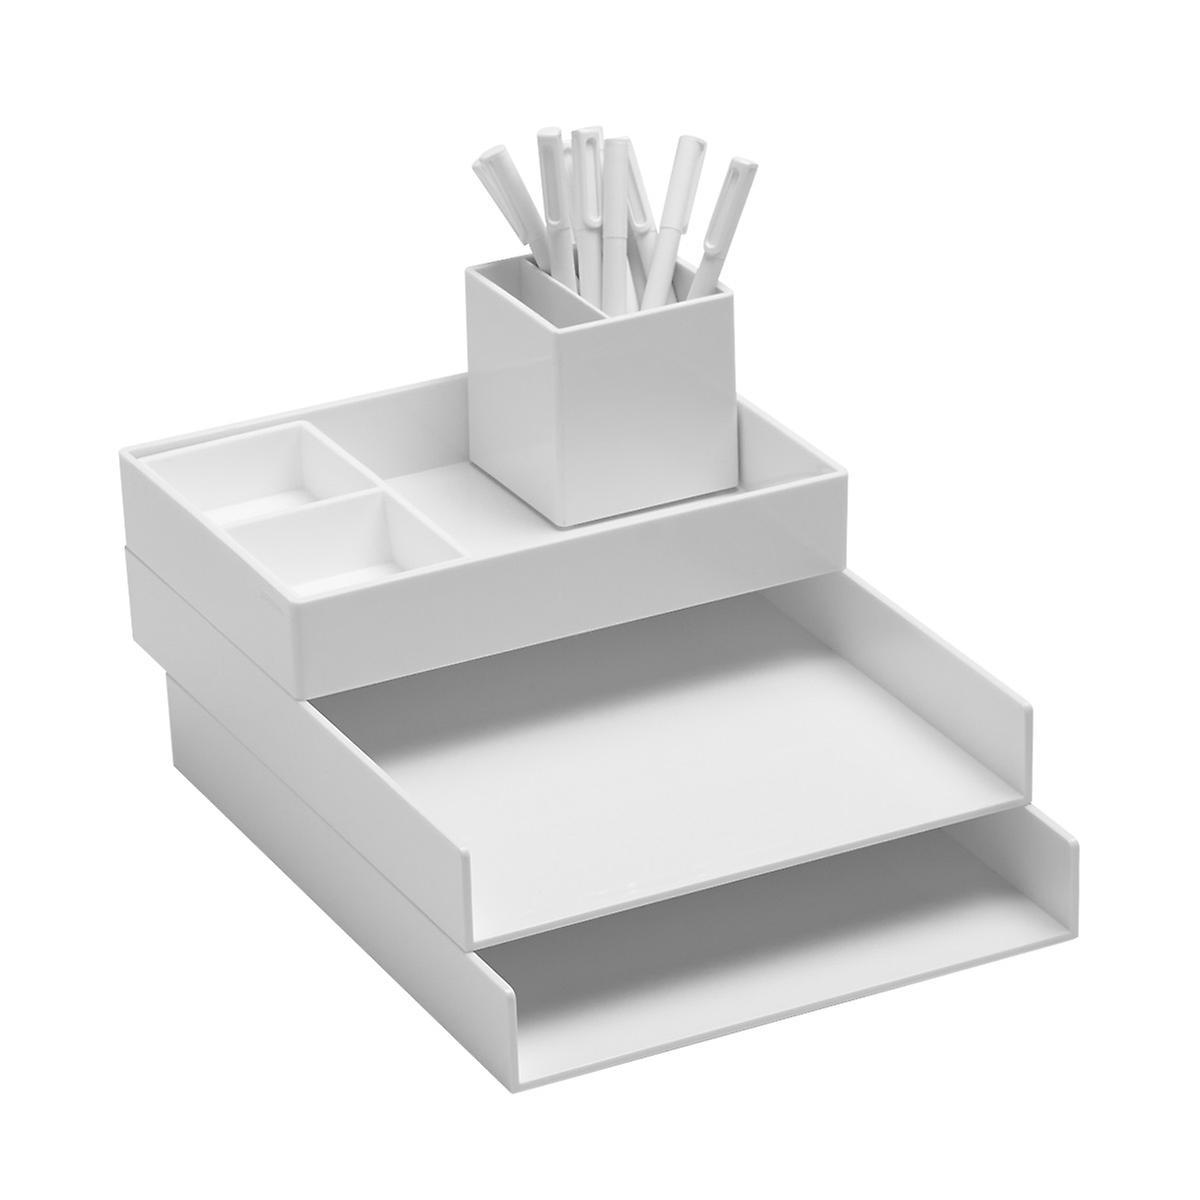 White Poppin Letter Tray Starter Kit